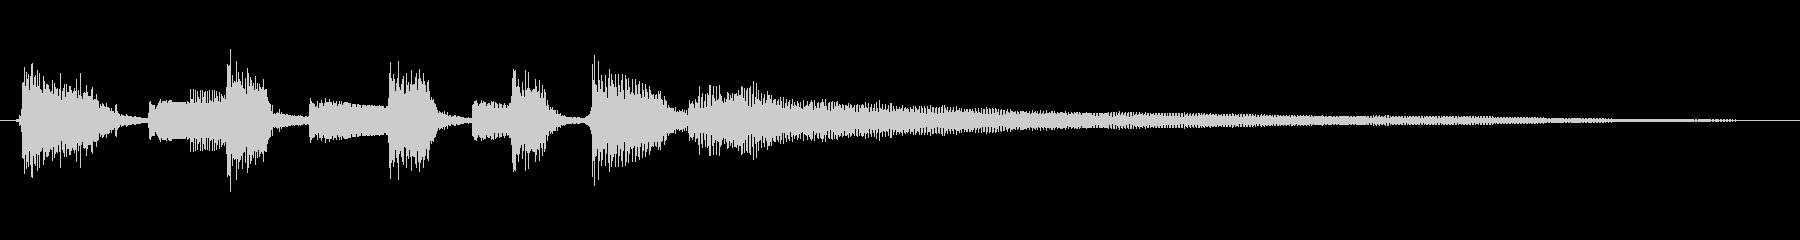 音色の柔らかなナイロンギターのジングルの未再生の波形